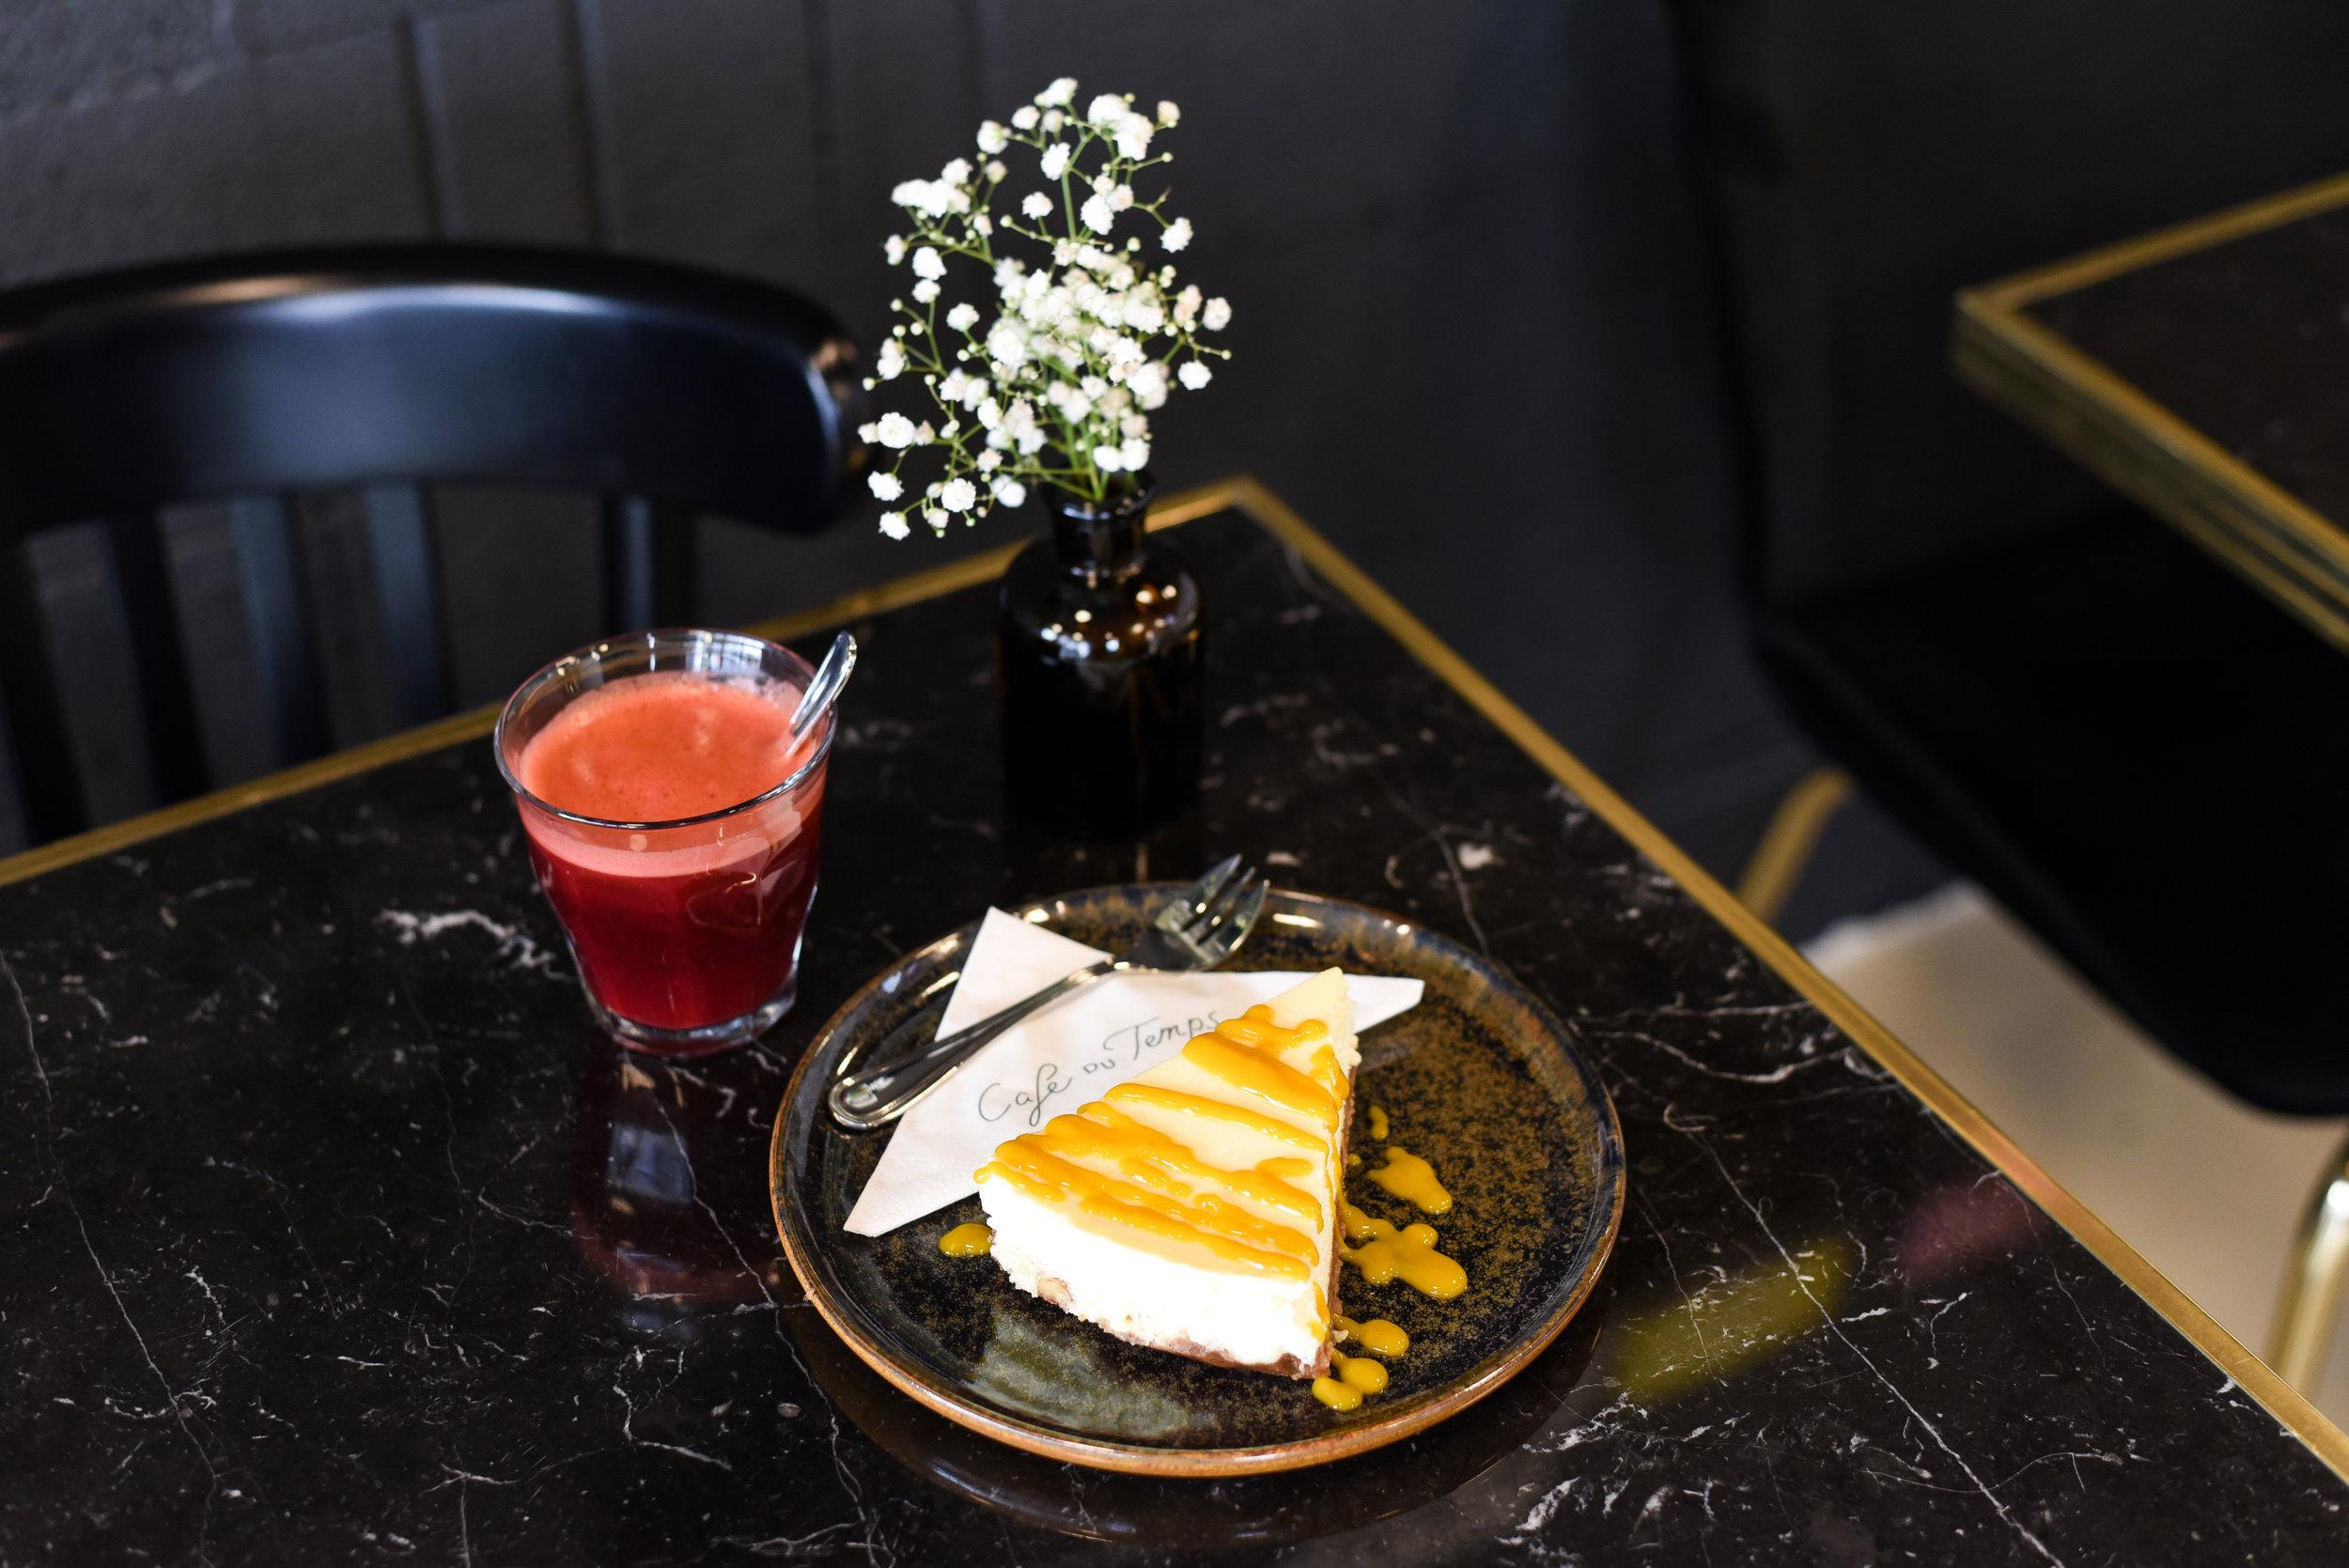 Une nouvelle adresse gourmande et végétarienne vient d'ouvrir ses portes à Aix-en-Provence